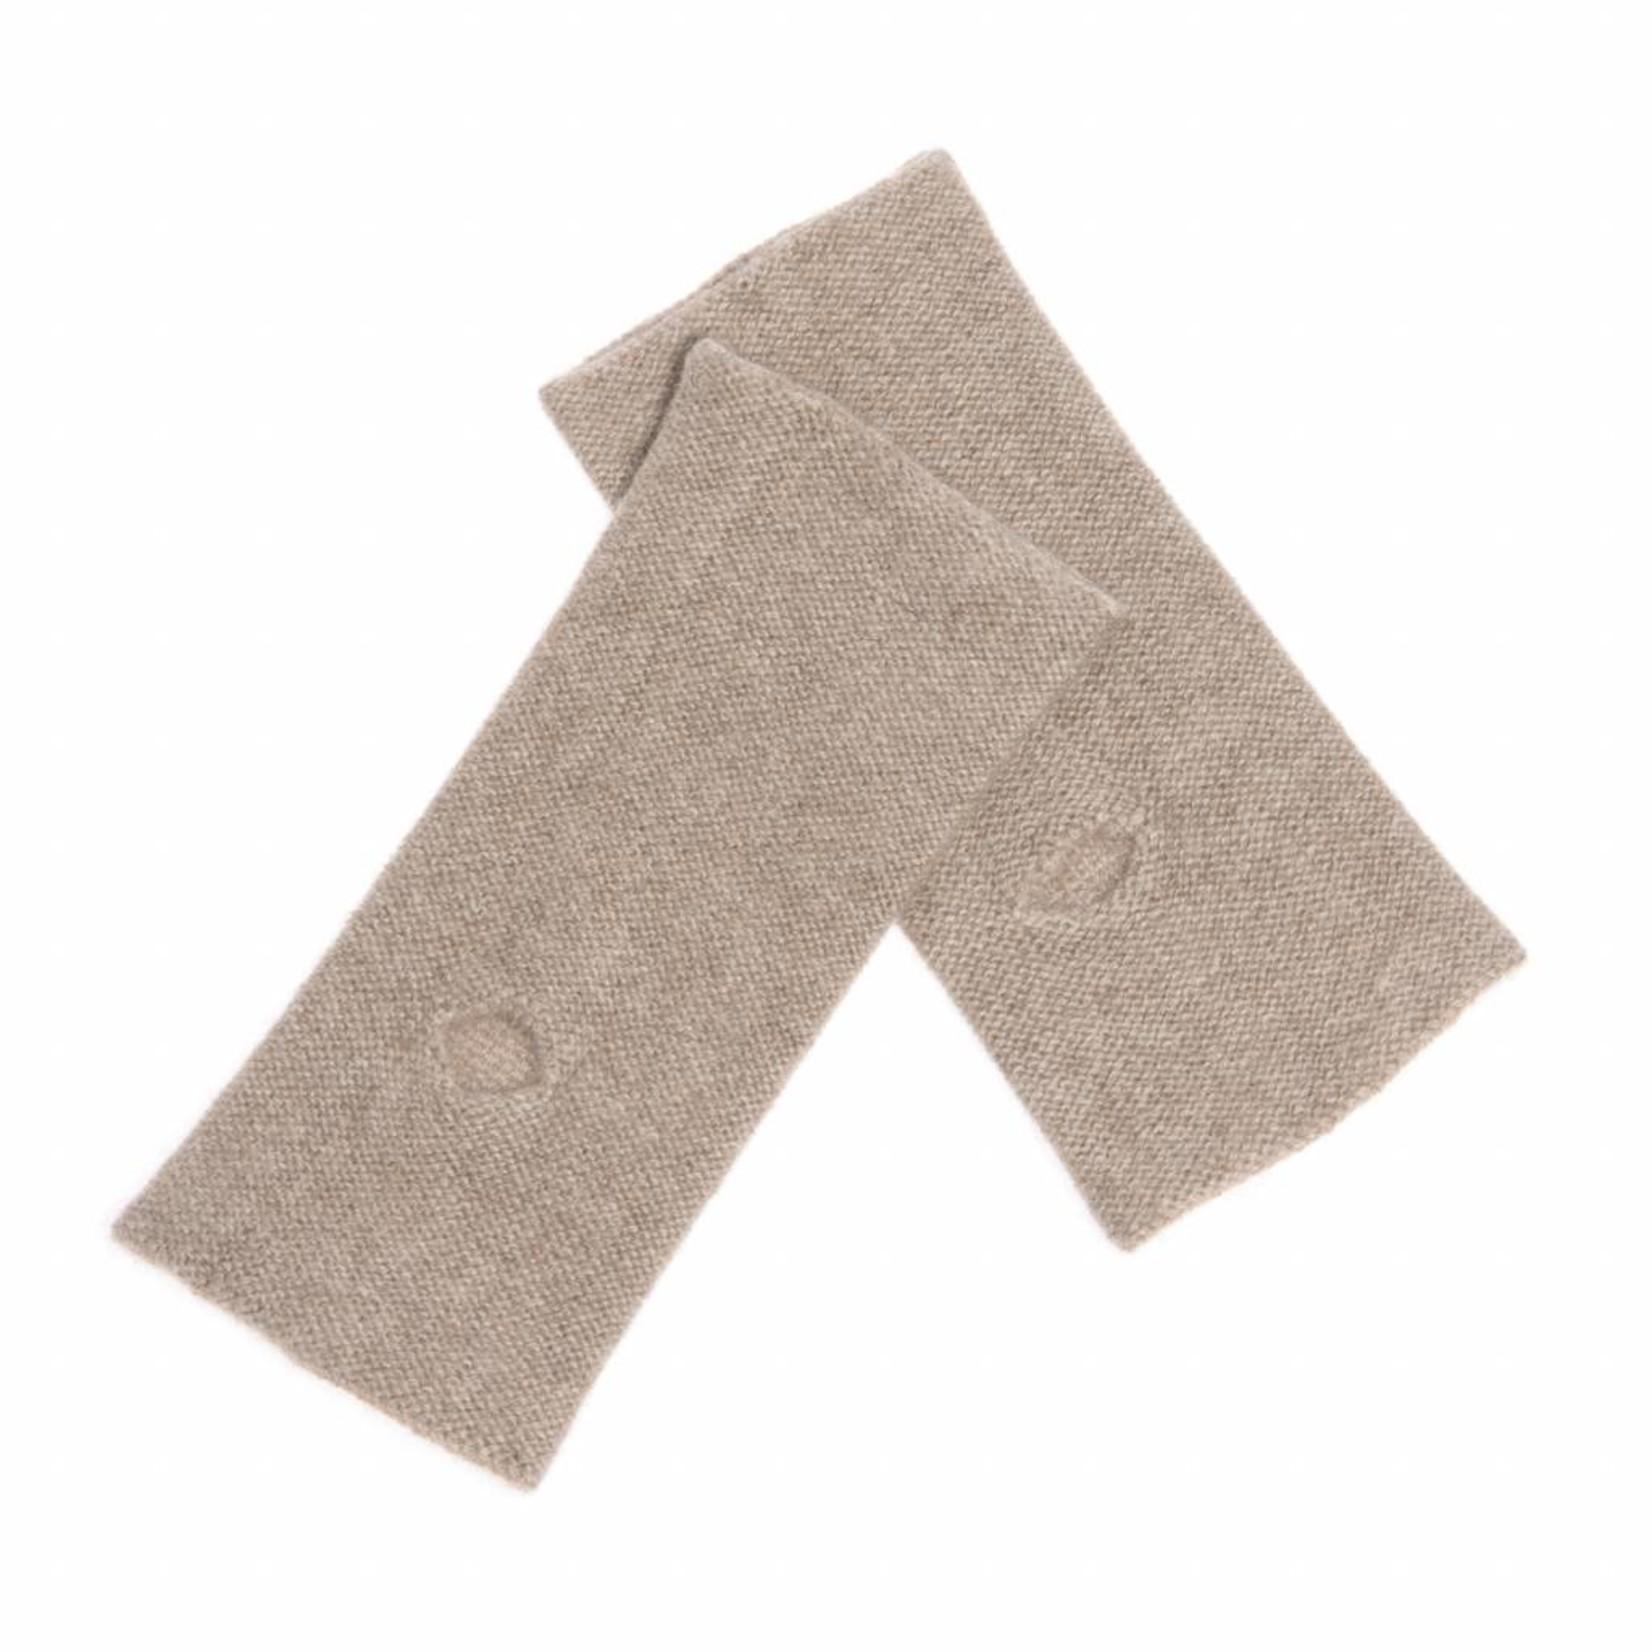 Enhe - Stulpen aus Kaschmir - 18 cm - Copy